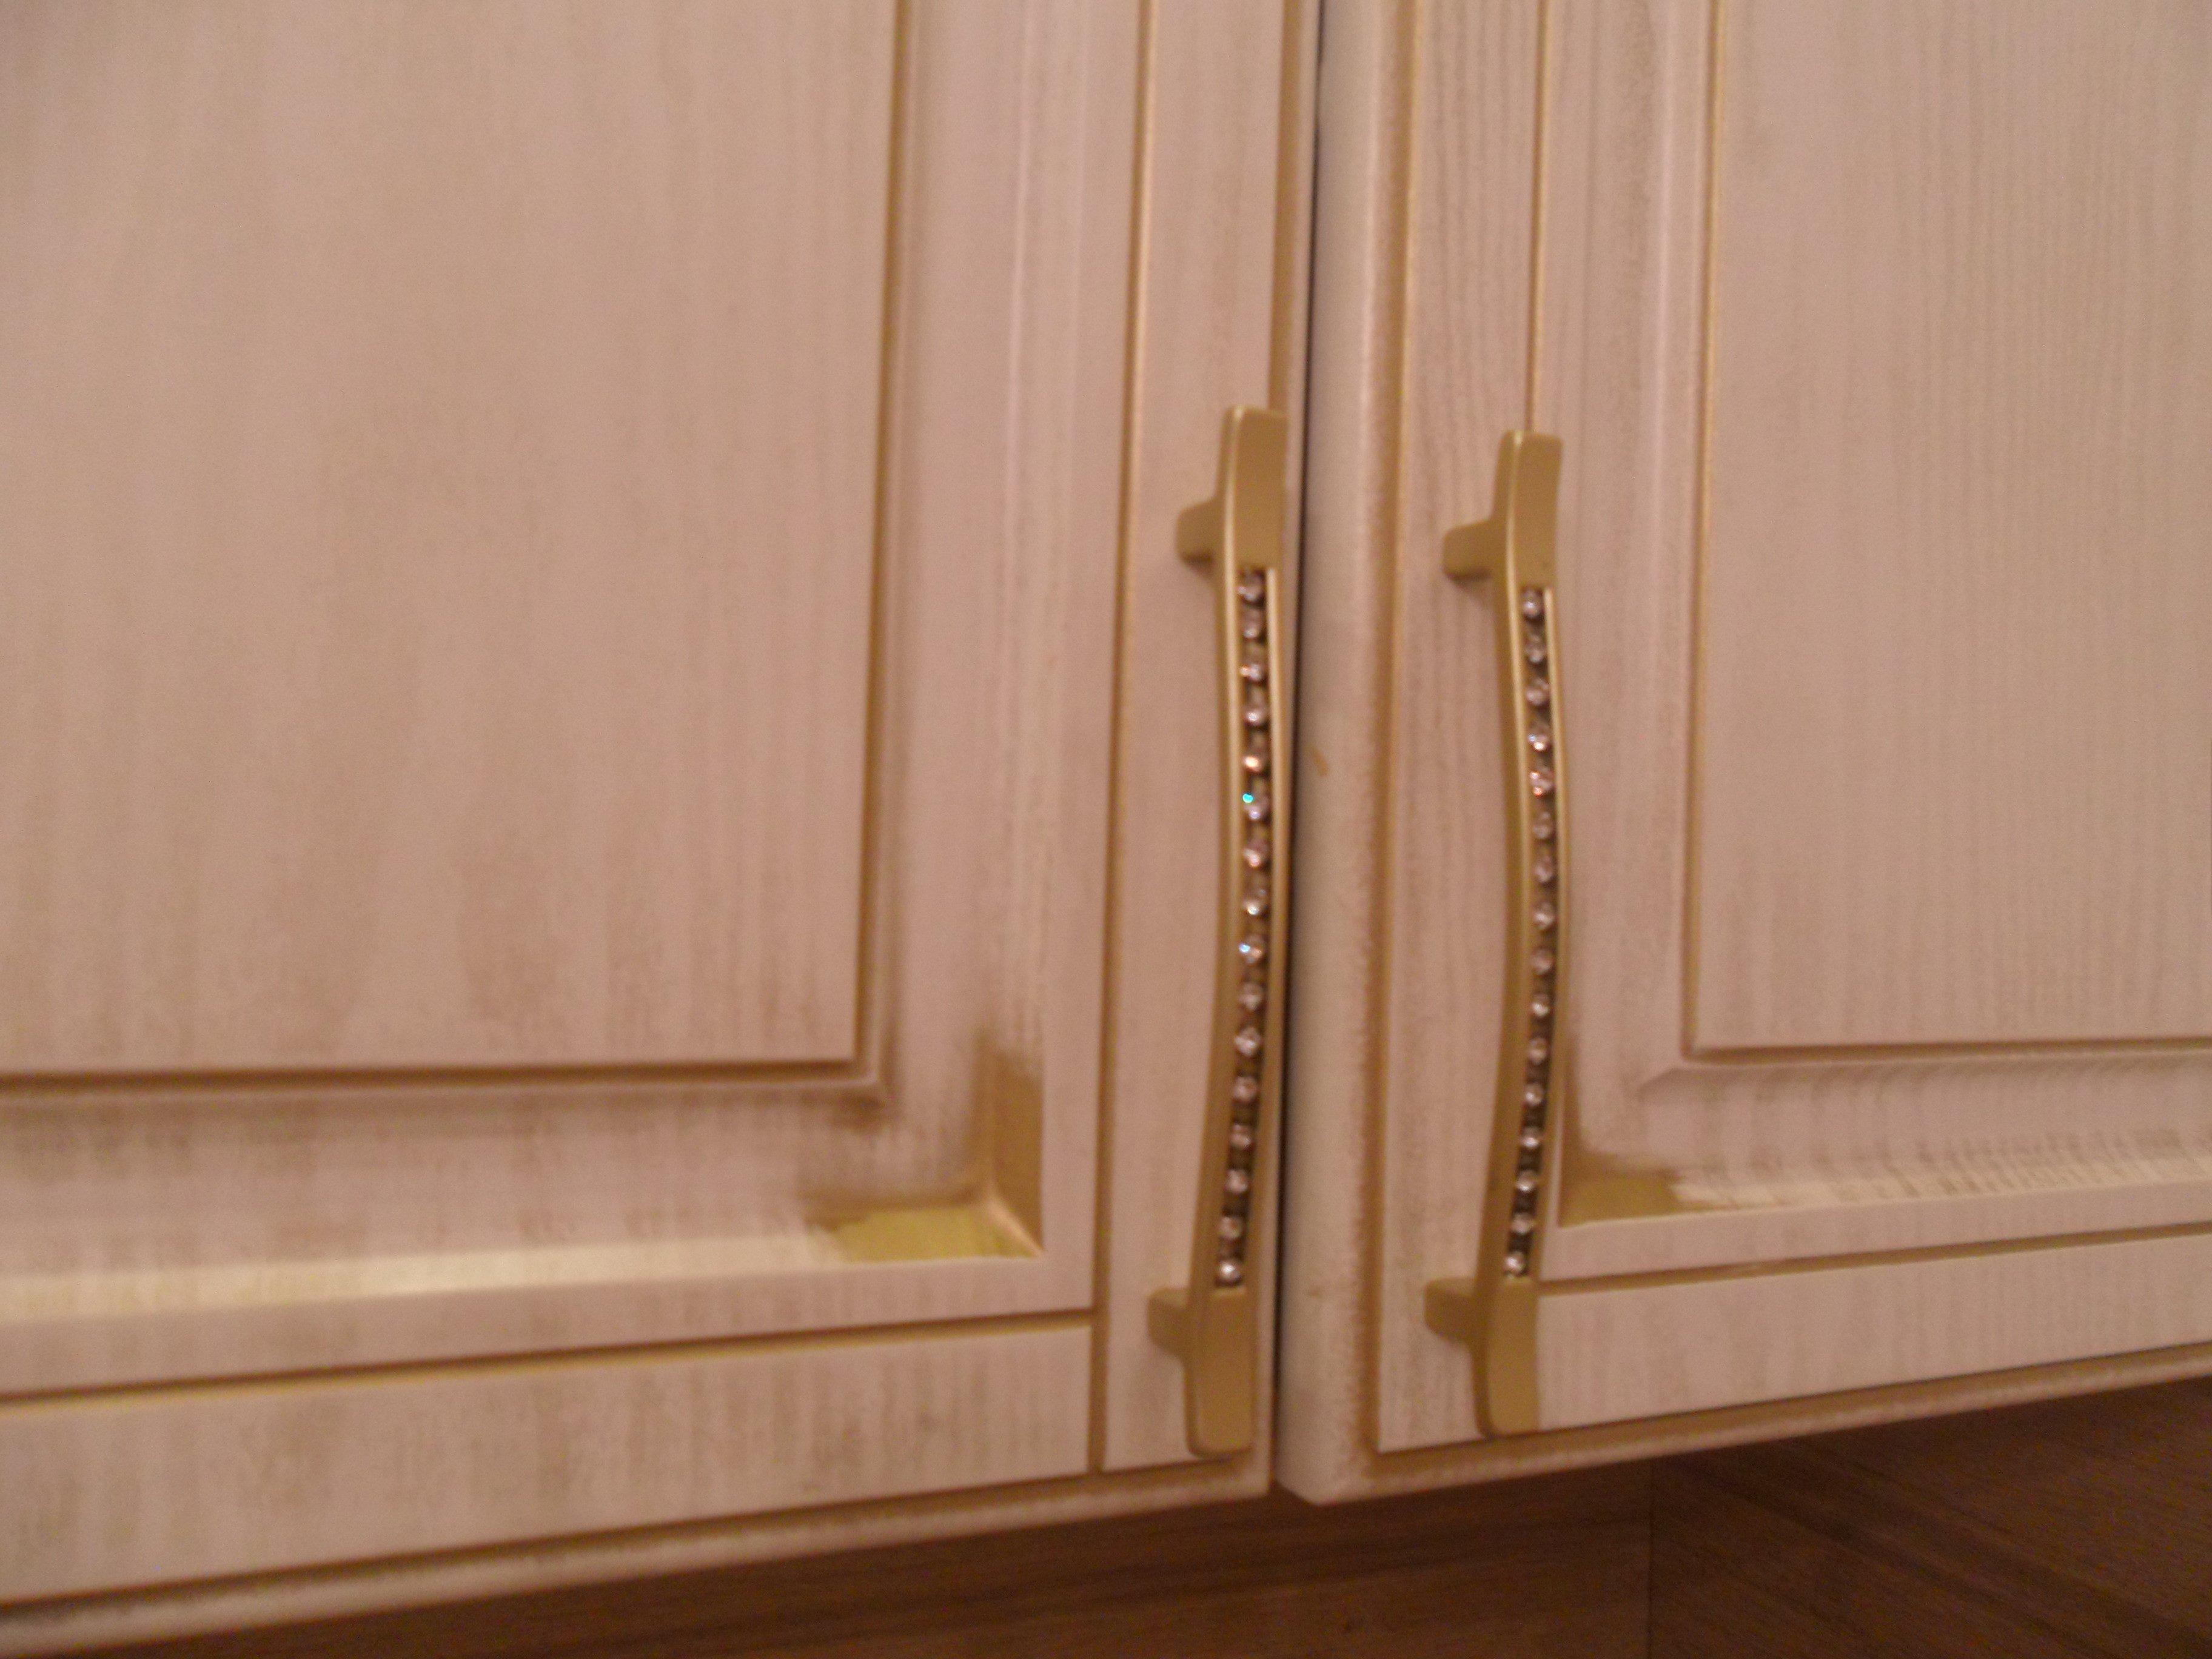 Оби мебель кухни, бесплатные фото ...: pictures11.ru/obi-mebel-kuhni.html